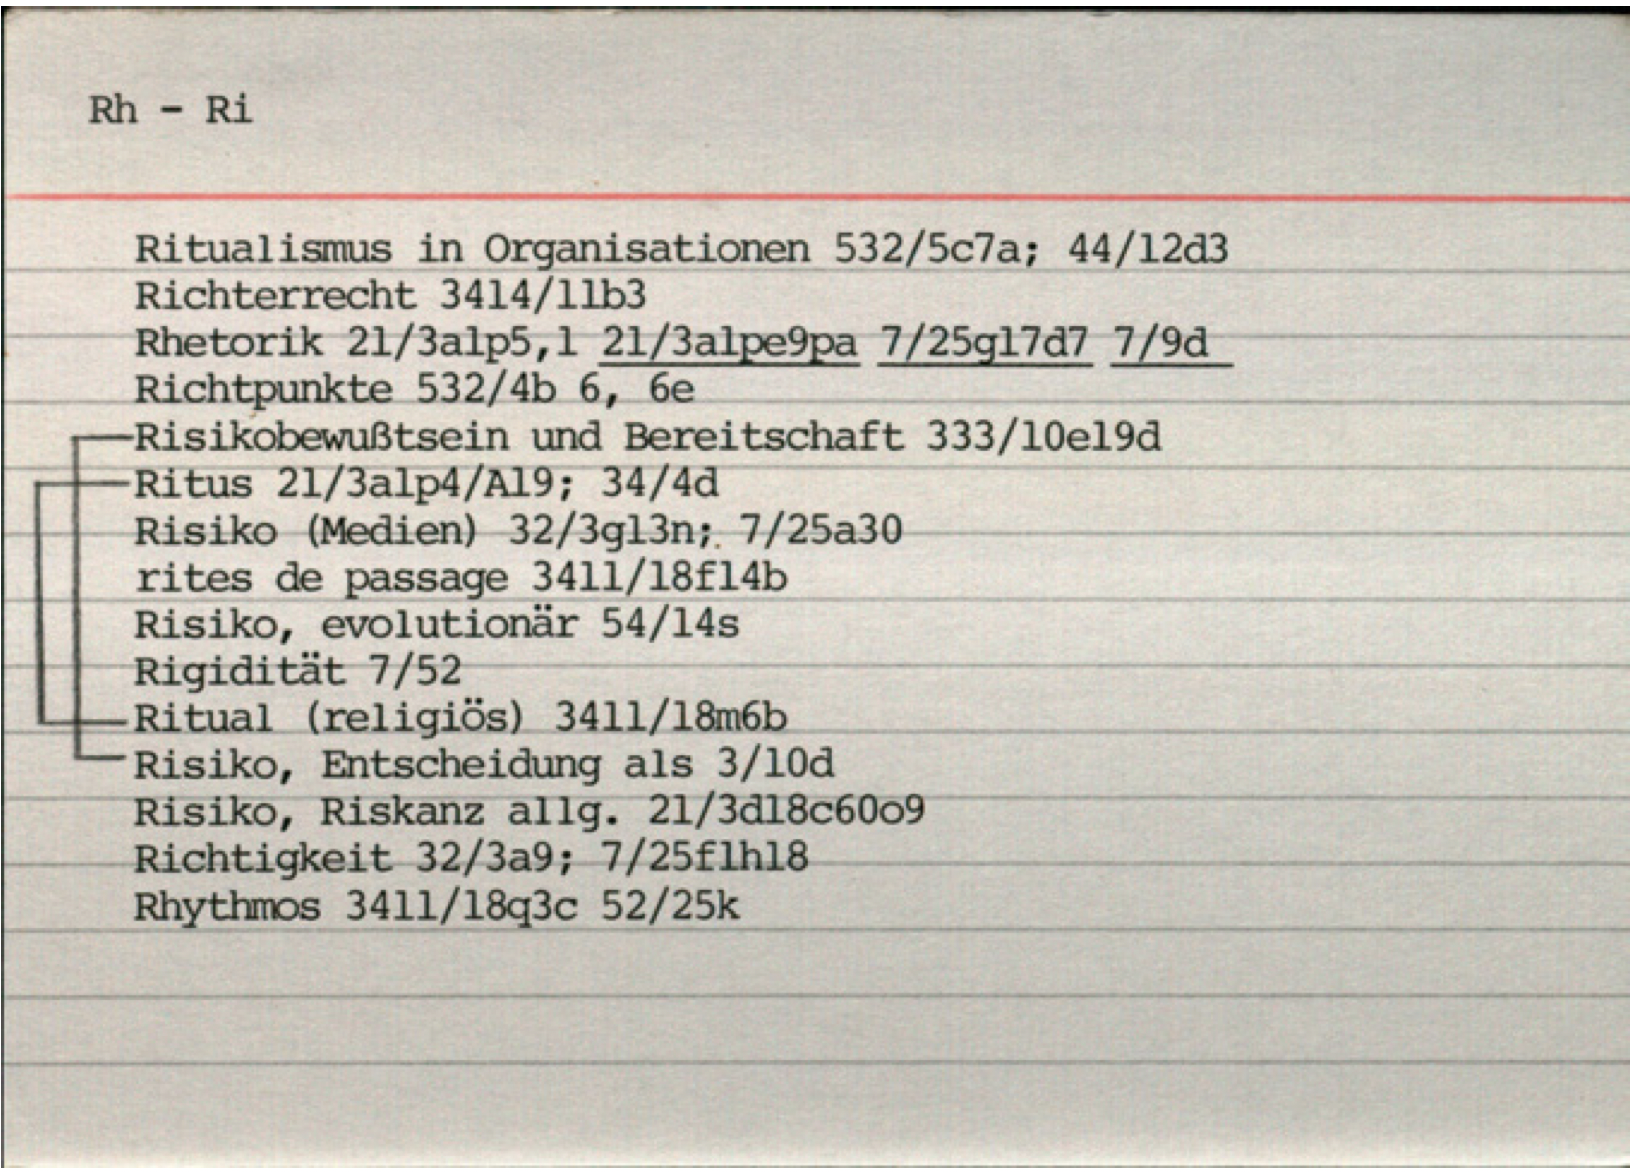 Последнюю версию индекса Луман печатал на машинке на каталожных карточках